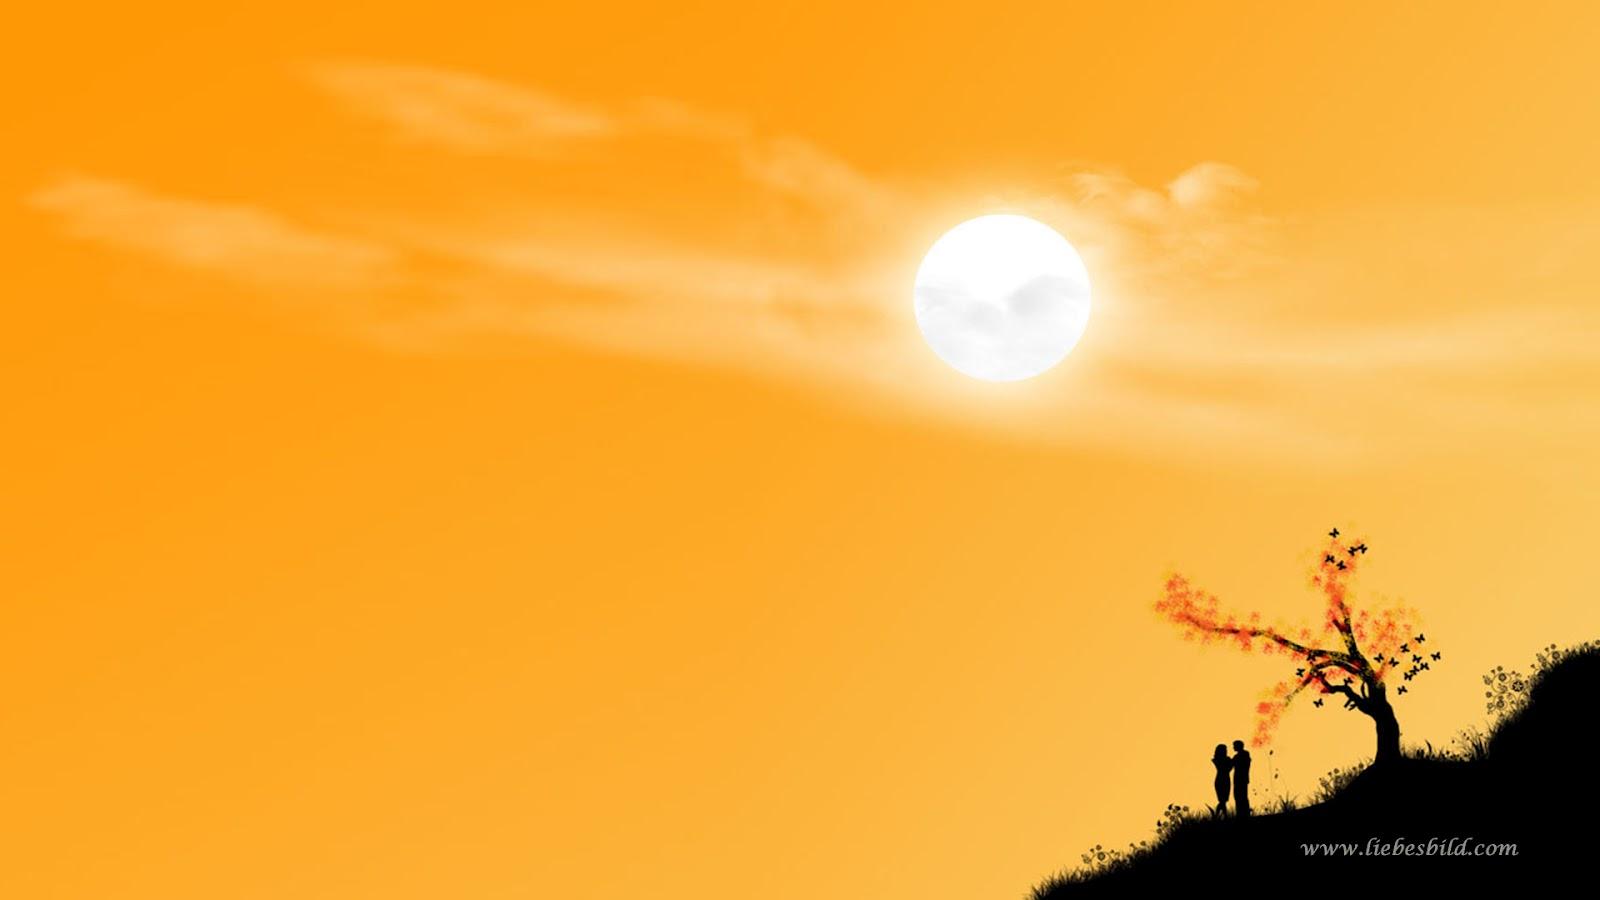 http://4.bp.blogspot.com/-r8IFSR3ymrc/UC-8HLgjobI/AAAAAAAACHo/yfkmryVXhU0/s1600/hd-liebesbilder-liebesspruche-nachdenken-3.jpg